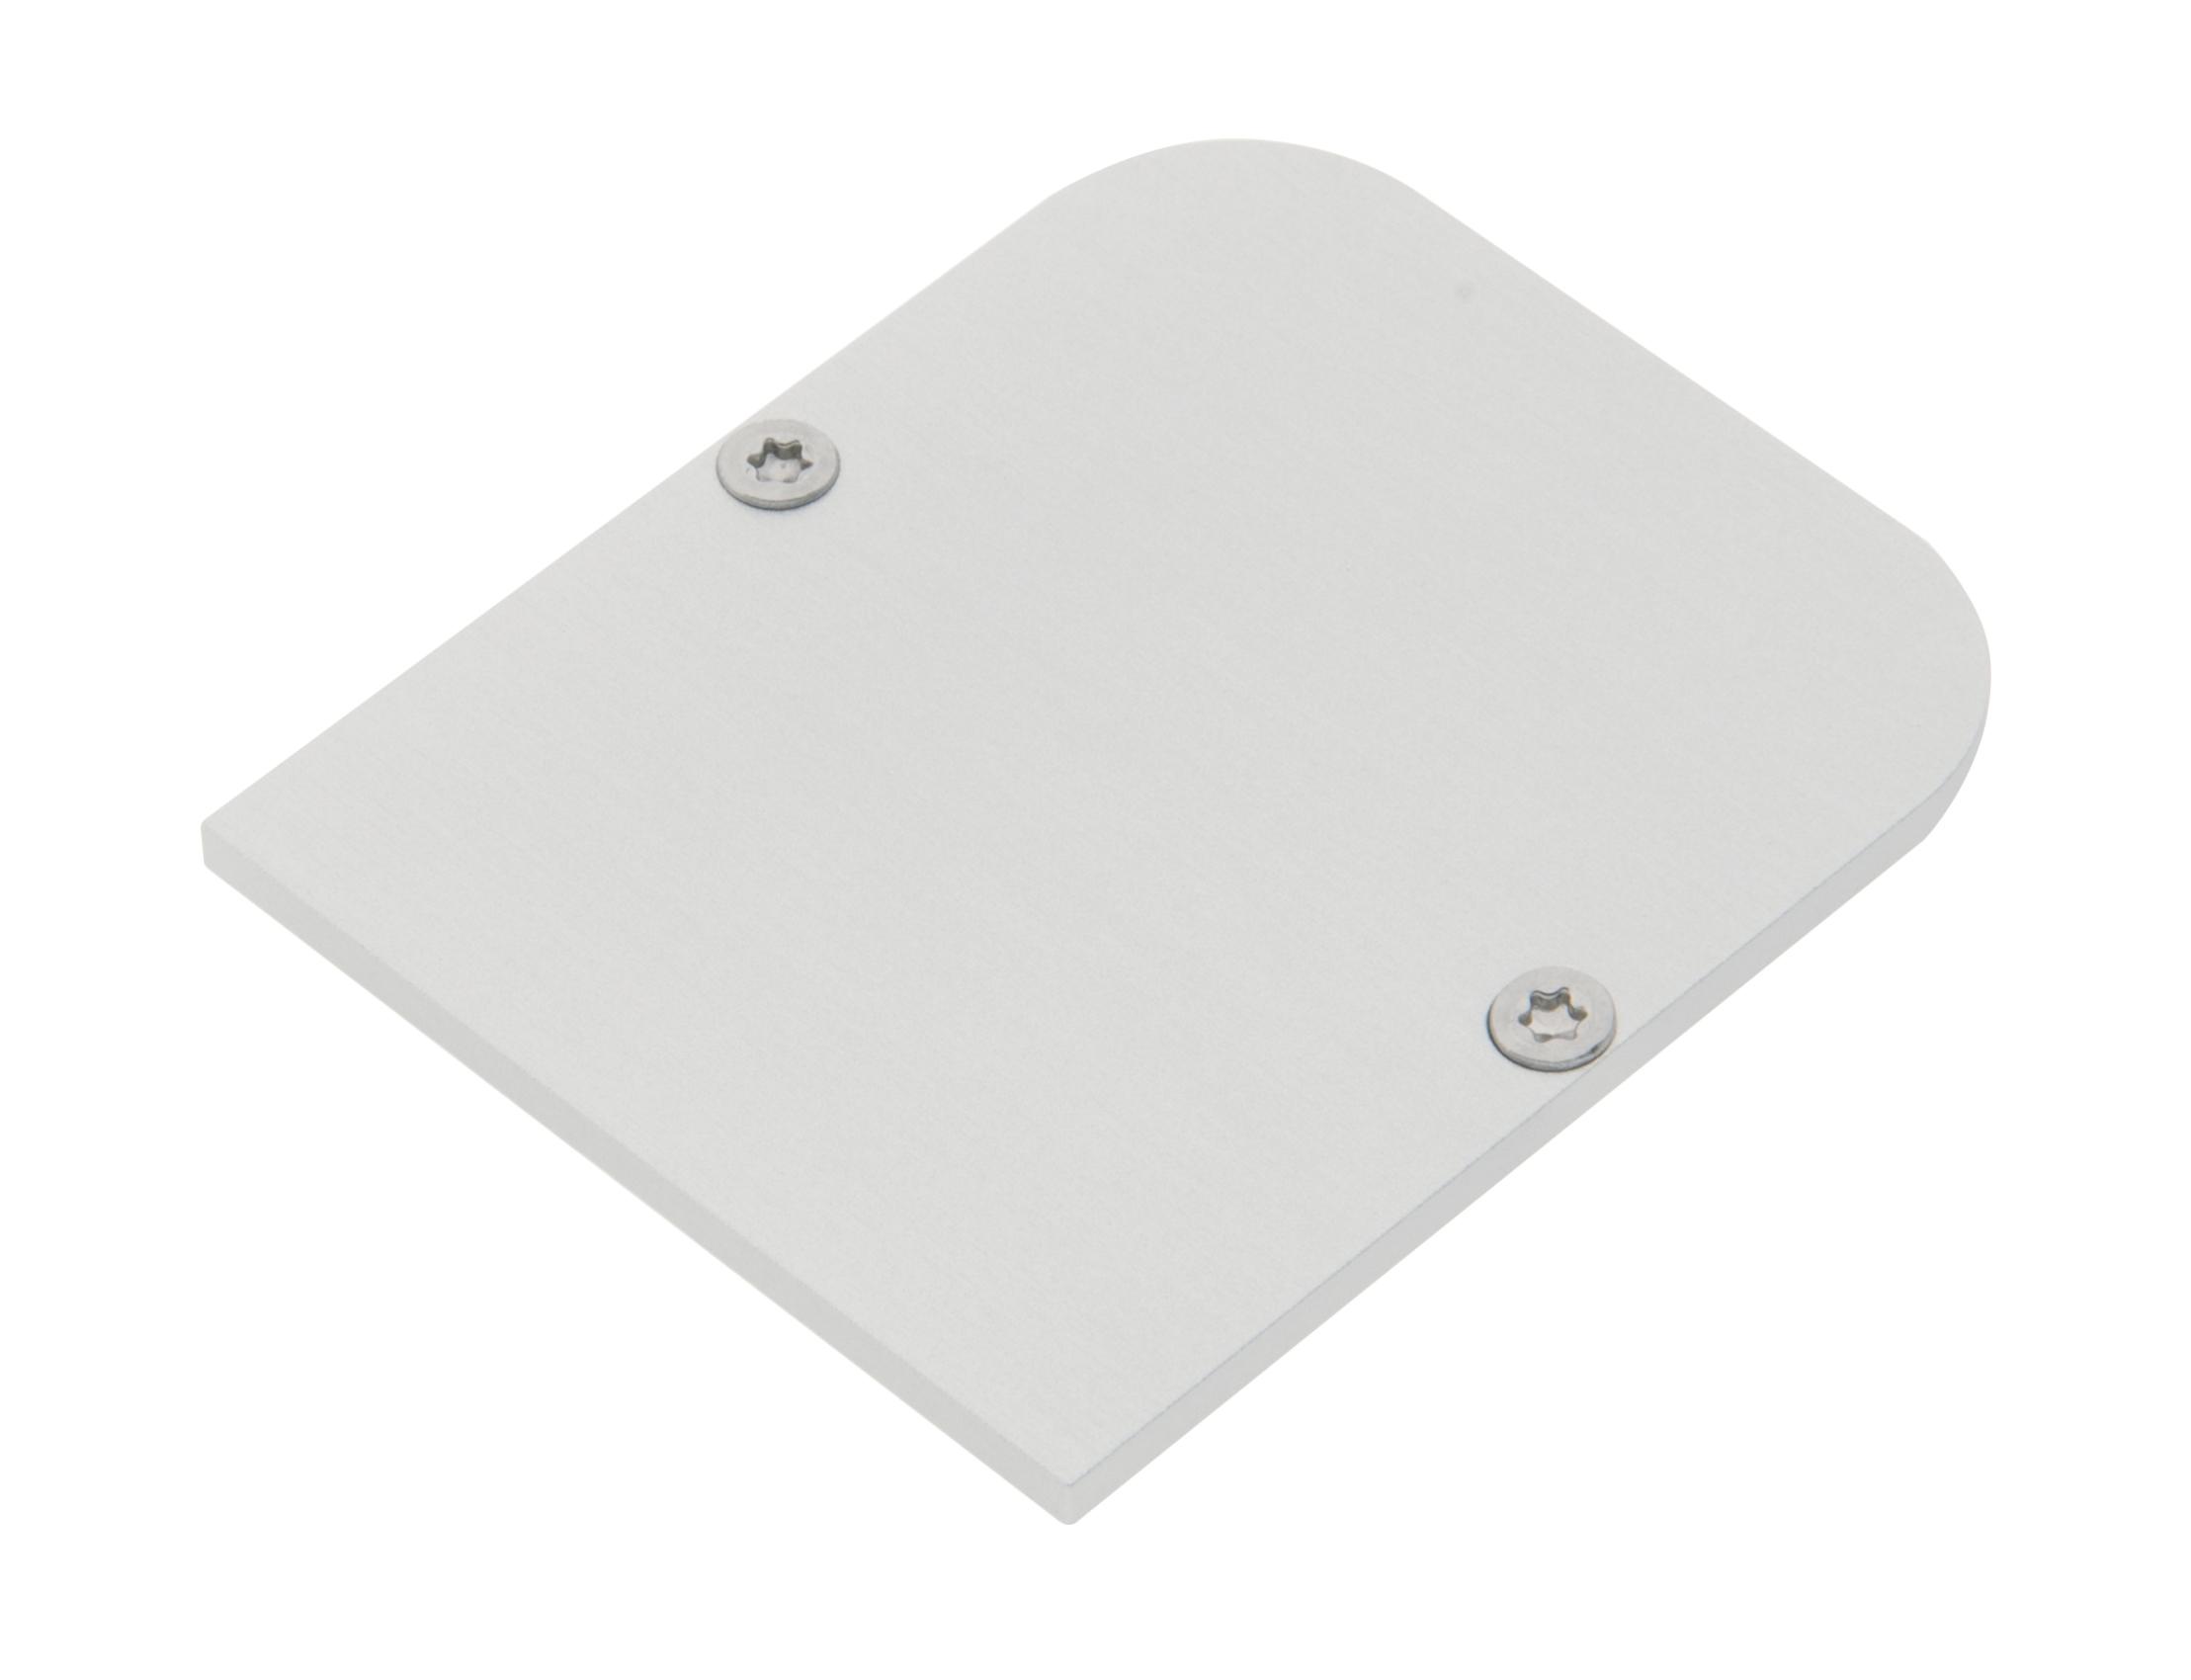 1 Stk Profil Endkappe MFS + MFL Rund geschlossen inkl. Schrauben LIEK005615